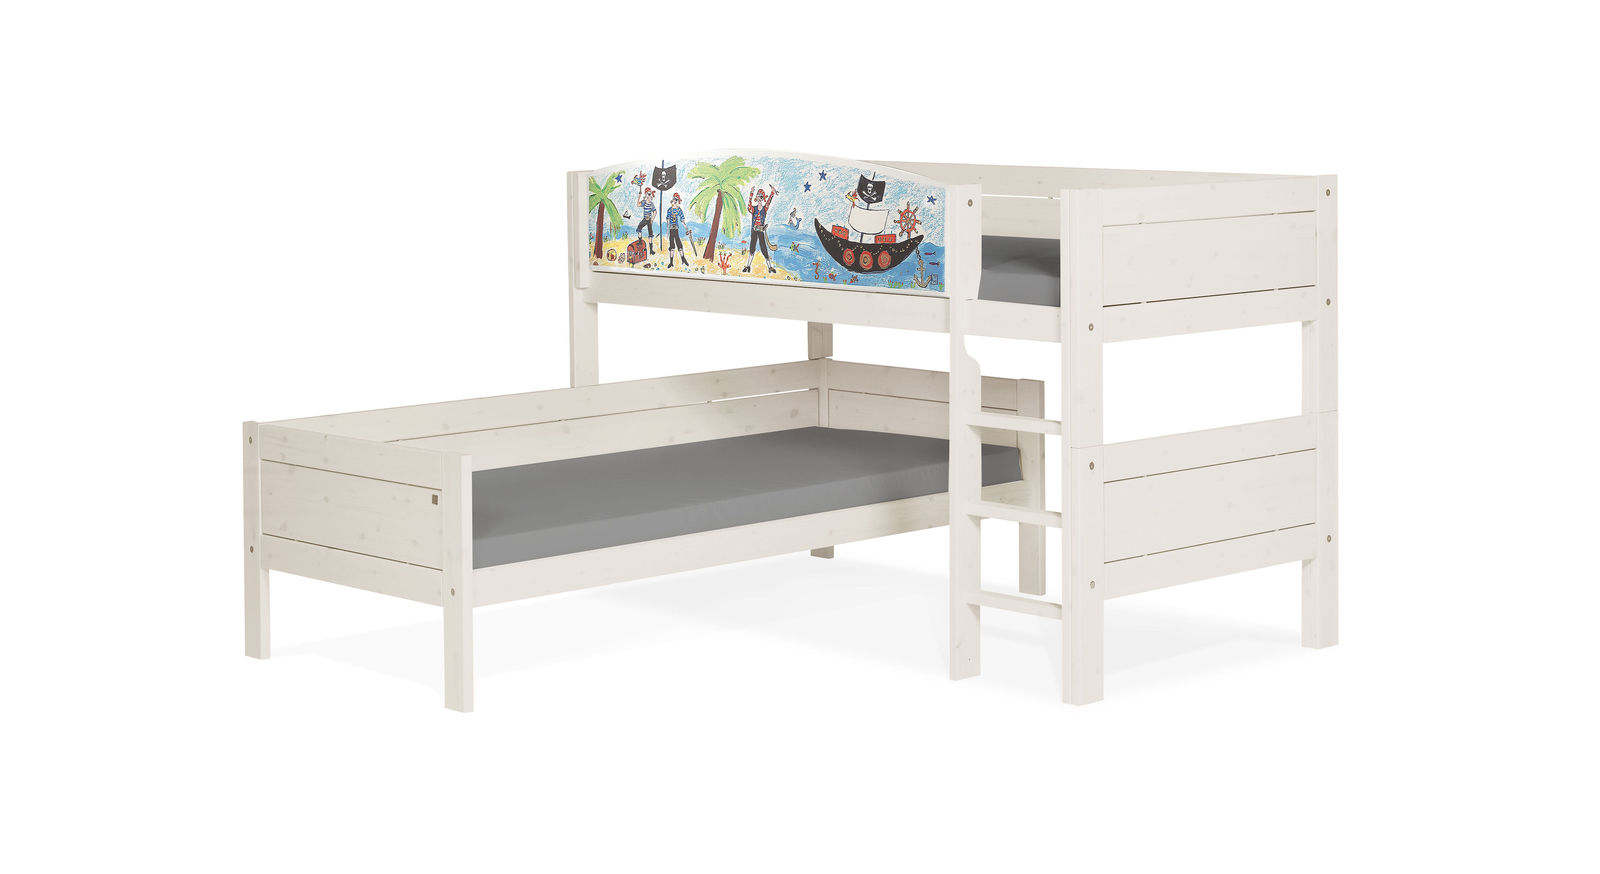 Weiß lasiertes LIFETIME Eck-Etagenbett Pirat für Kinder